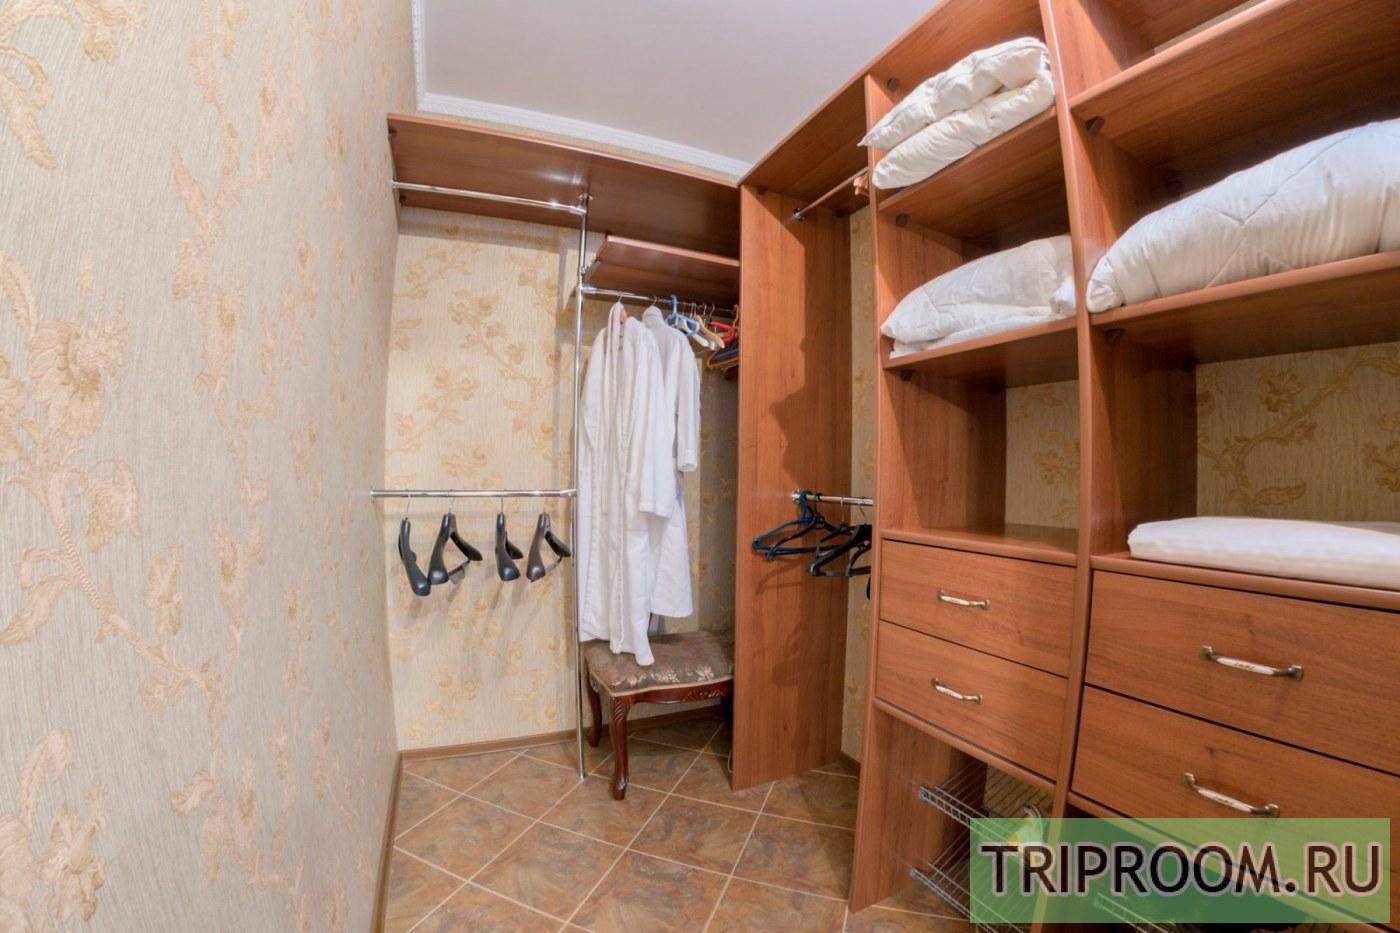 2-комнатная квартира посуточно (вариант № 39986), ул. Взлётная улица, фото № 13